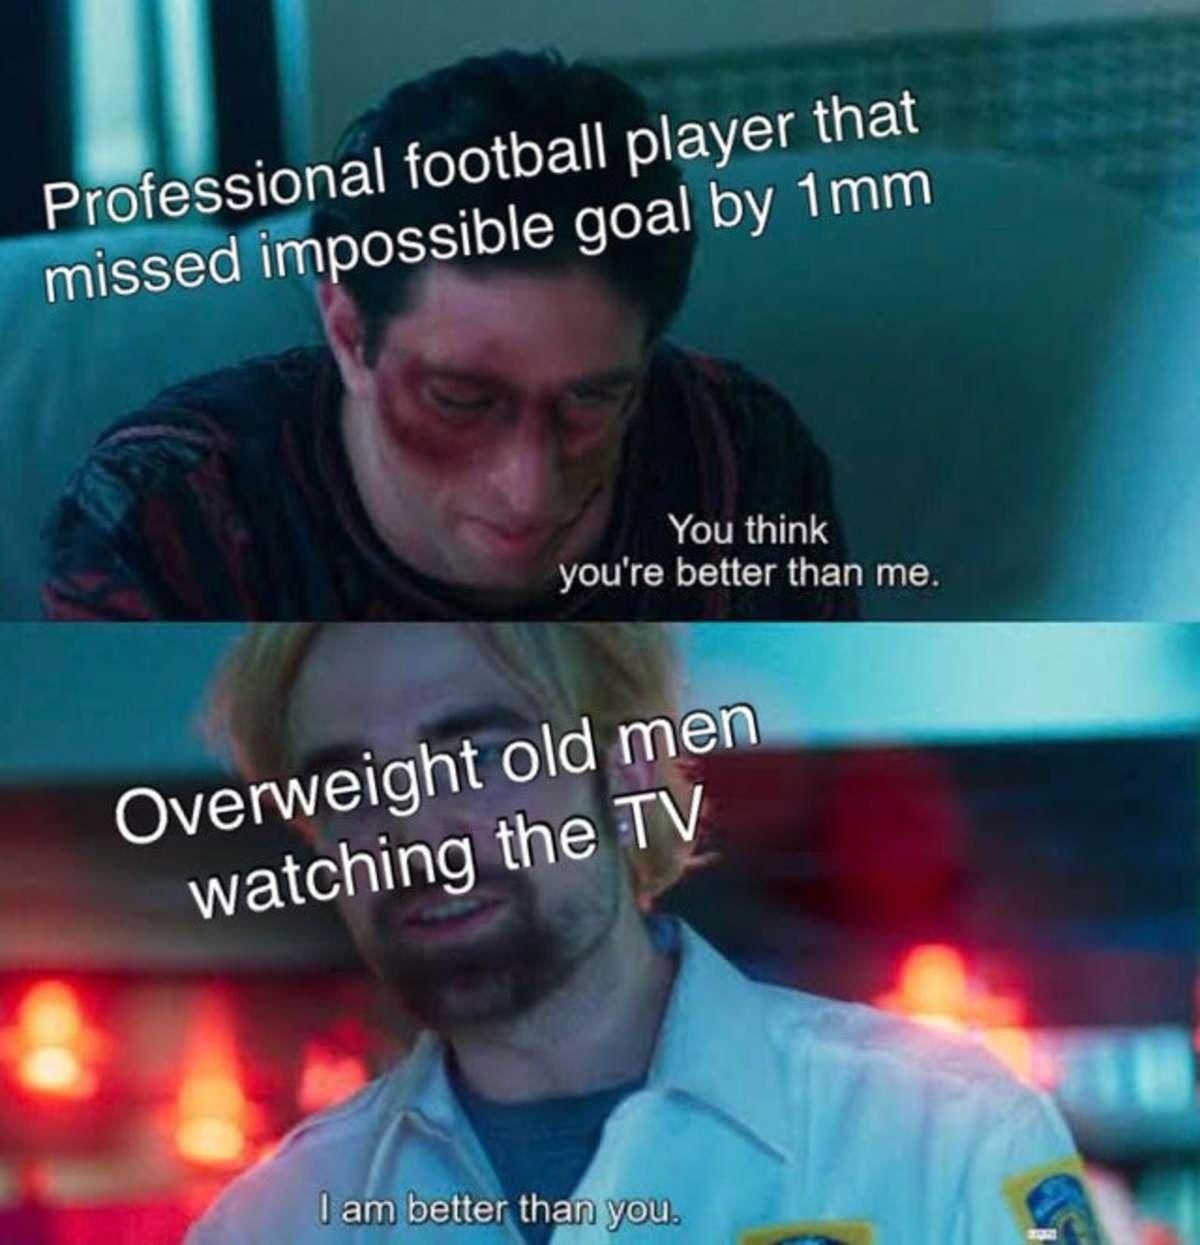 He's also a better coach